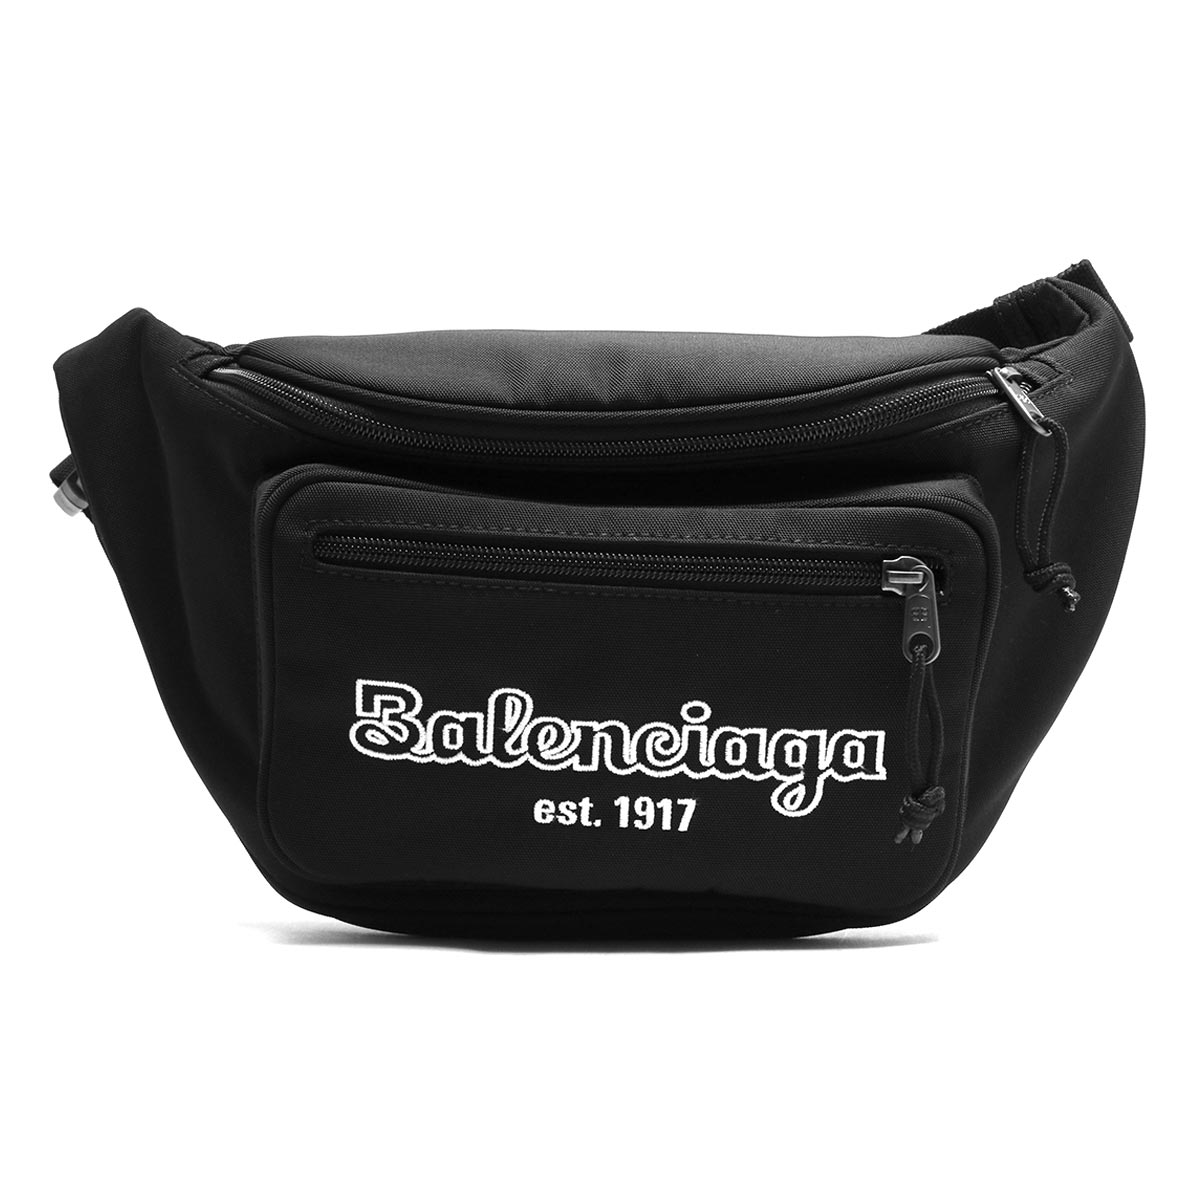 バレンシアガ ボディバッグ/ウエストバッグ/ベルトバッグ バッグ メンズ レディース エクスプローラー EST.1917 ブラック 482389 9TY2R 1000 2019年春夏新作 BALENCIAGA